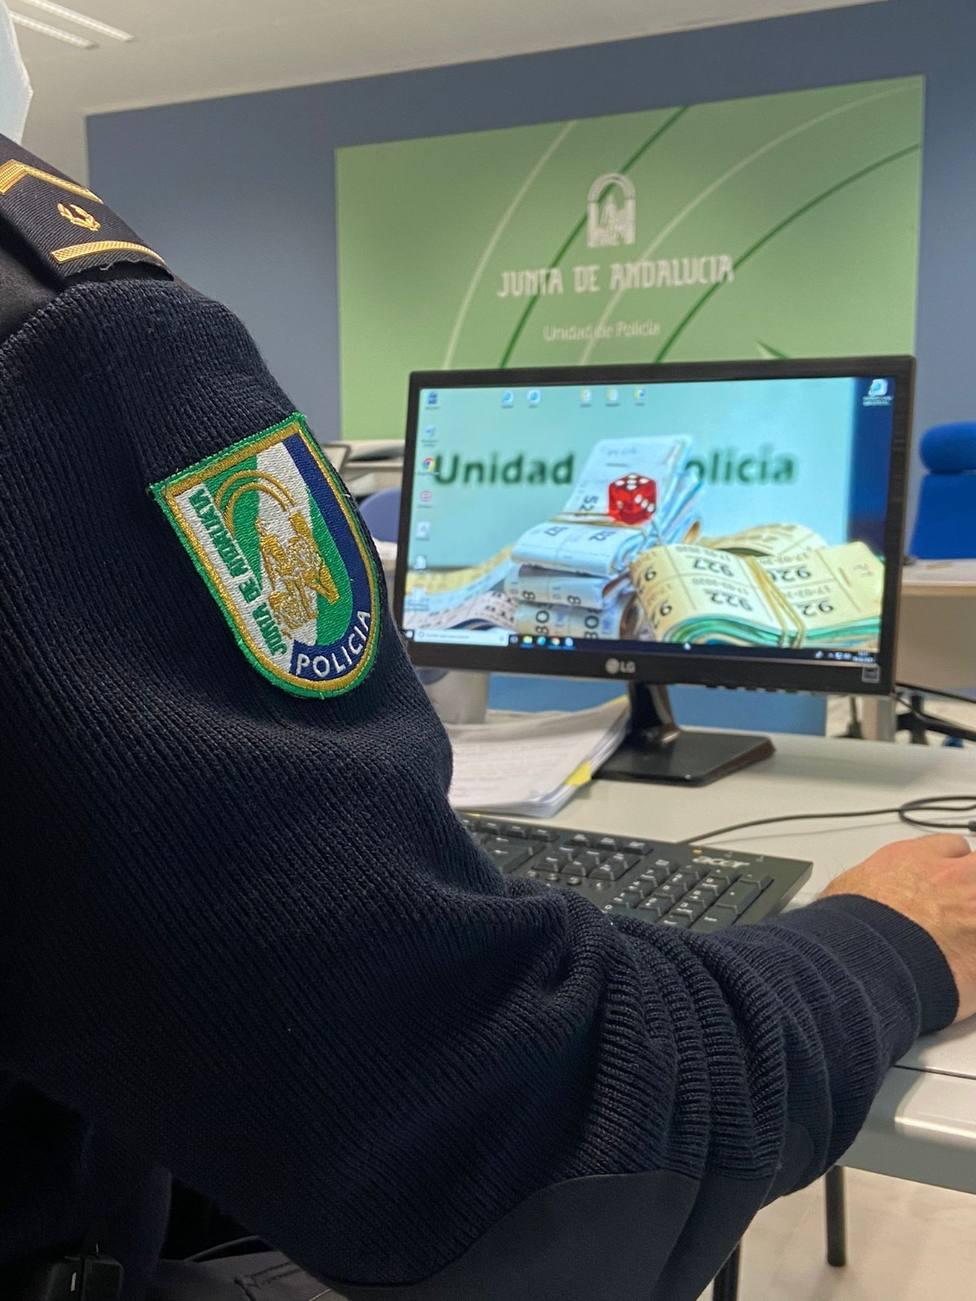 La Unidad de Policía Adscrita desmantela una trama de juego ilegal on-line en Cádiz